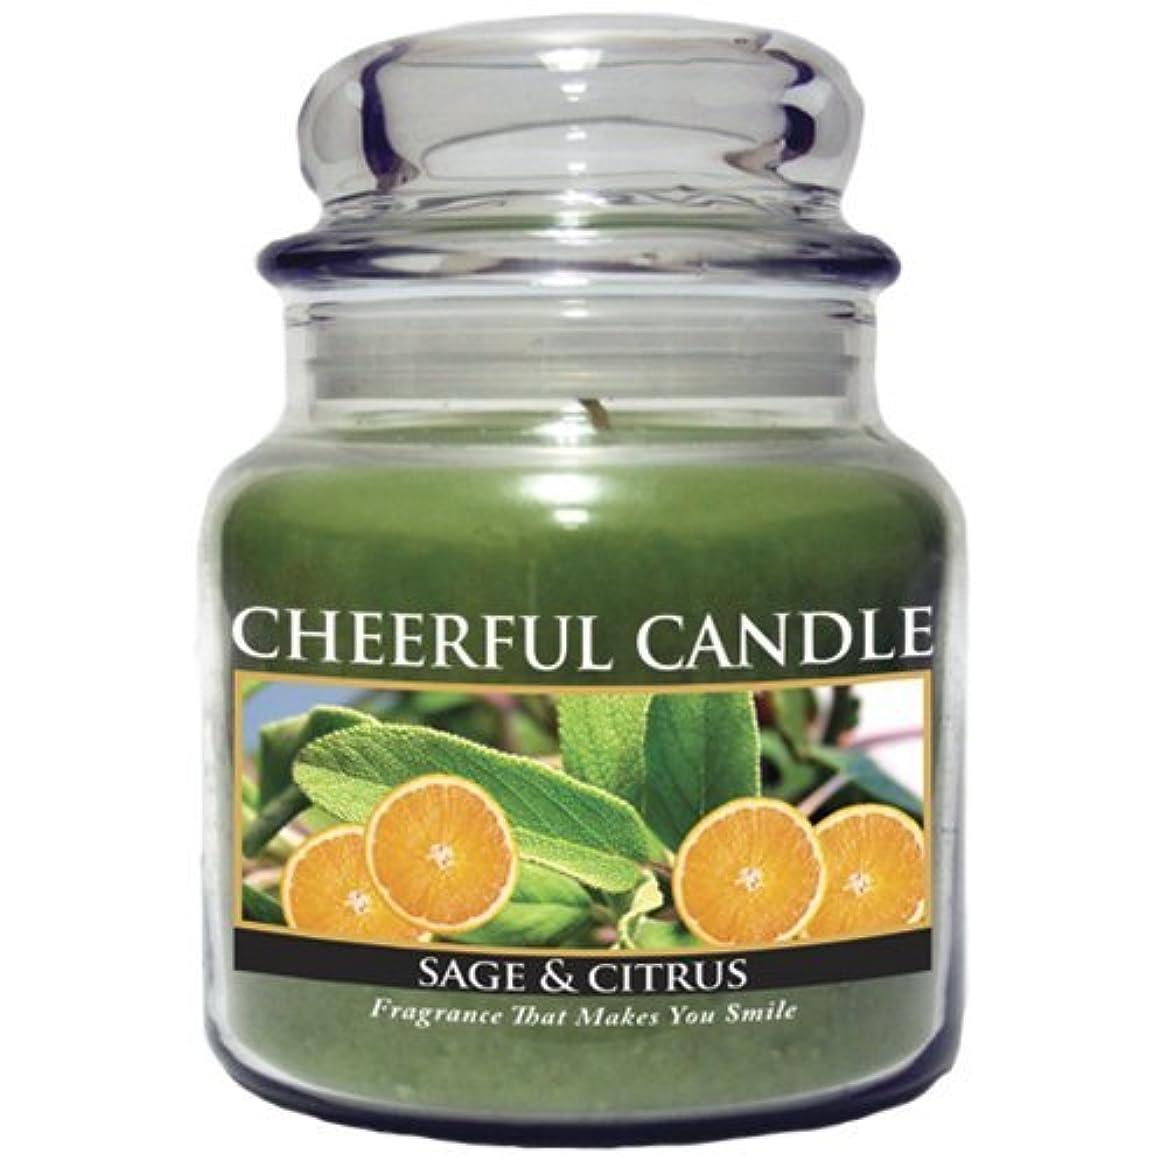 件名カレンダー現在A Cheerful Giver Sage and Citrus Jar Candle, 16-Ounce [並行輸入品]